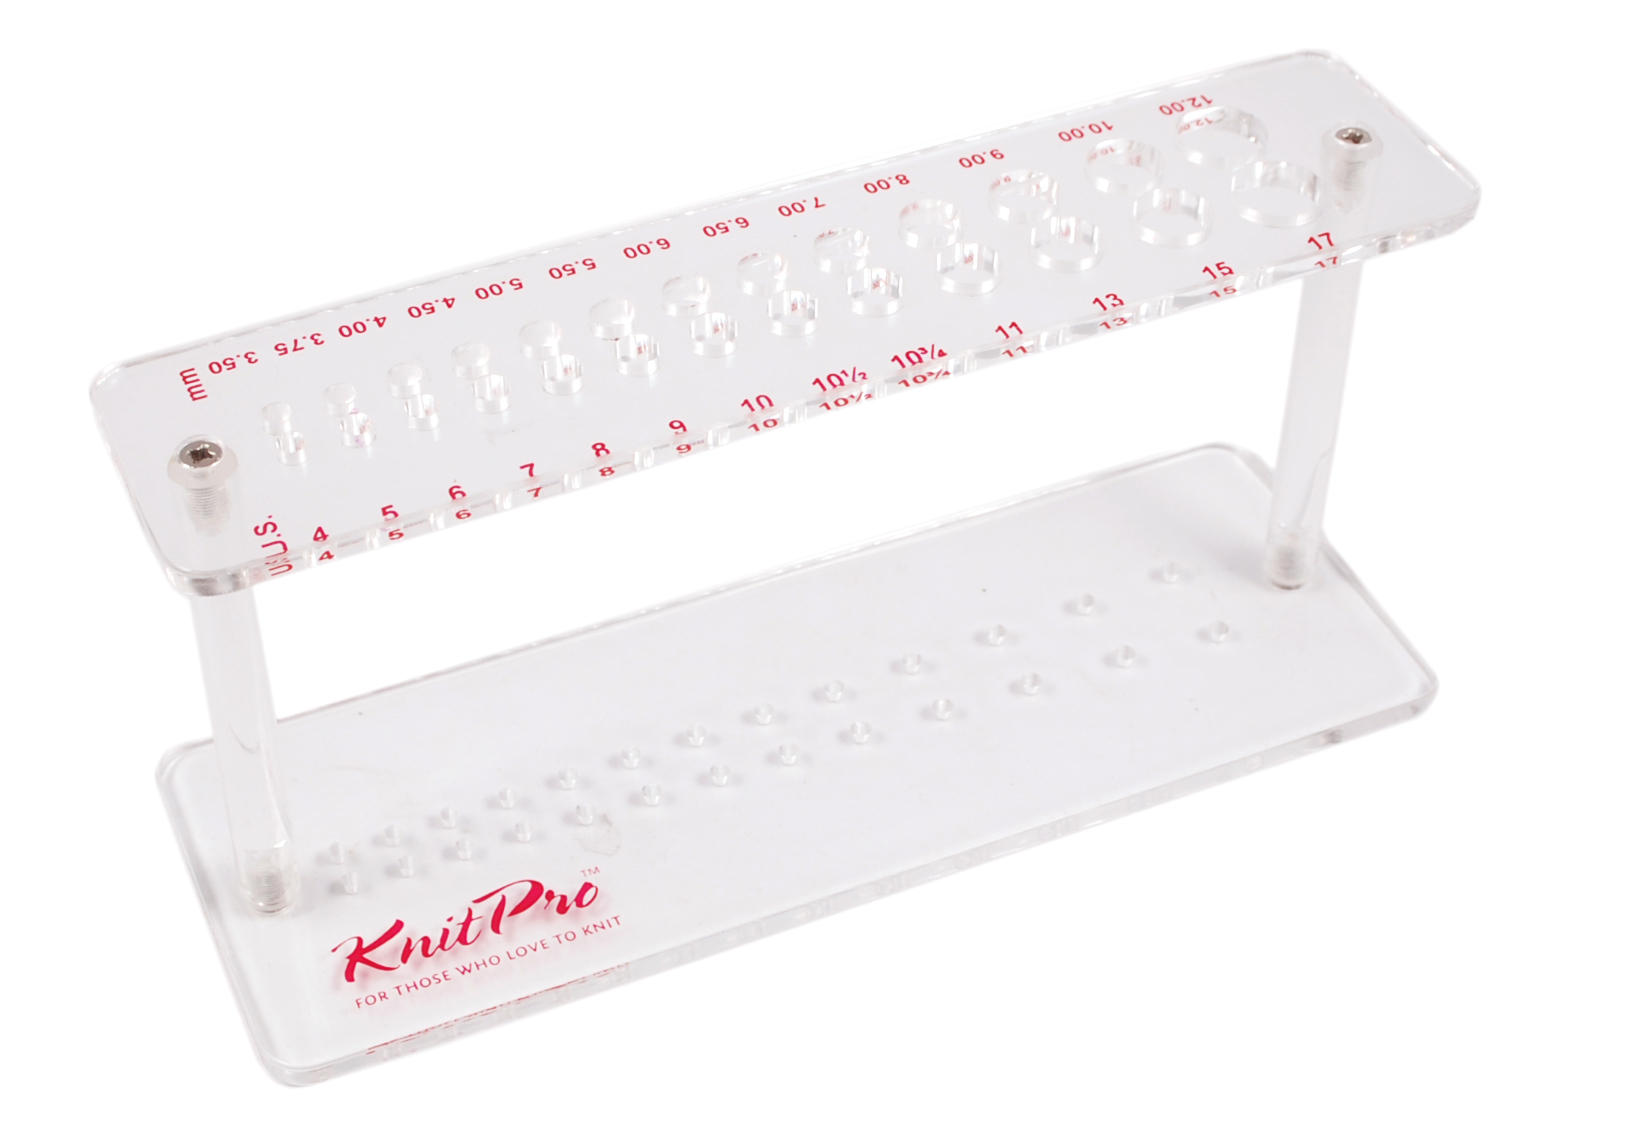 Knit Pro Halter für Nadelspitz